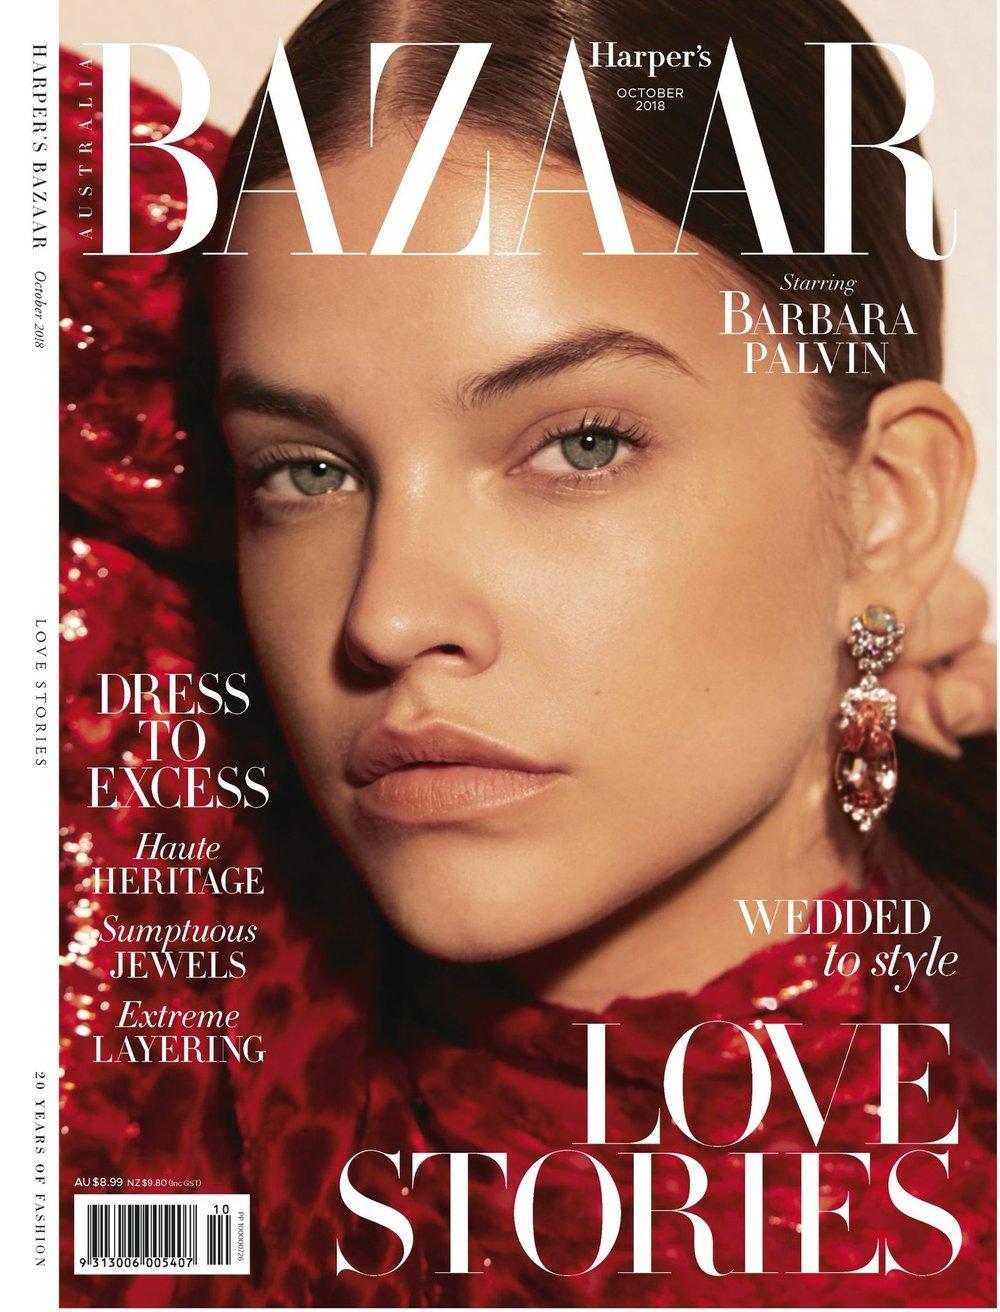 BAZAAR October Cover.jpg